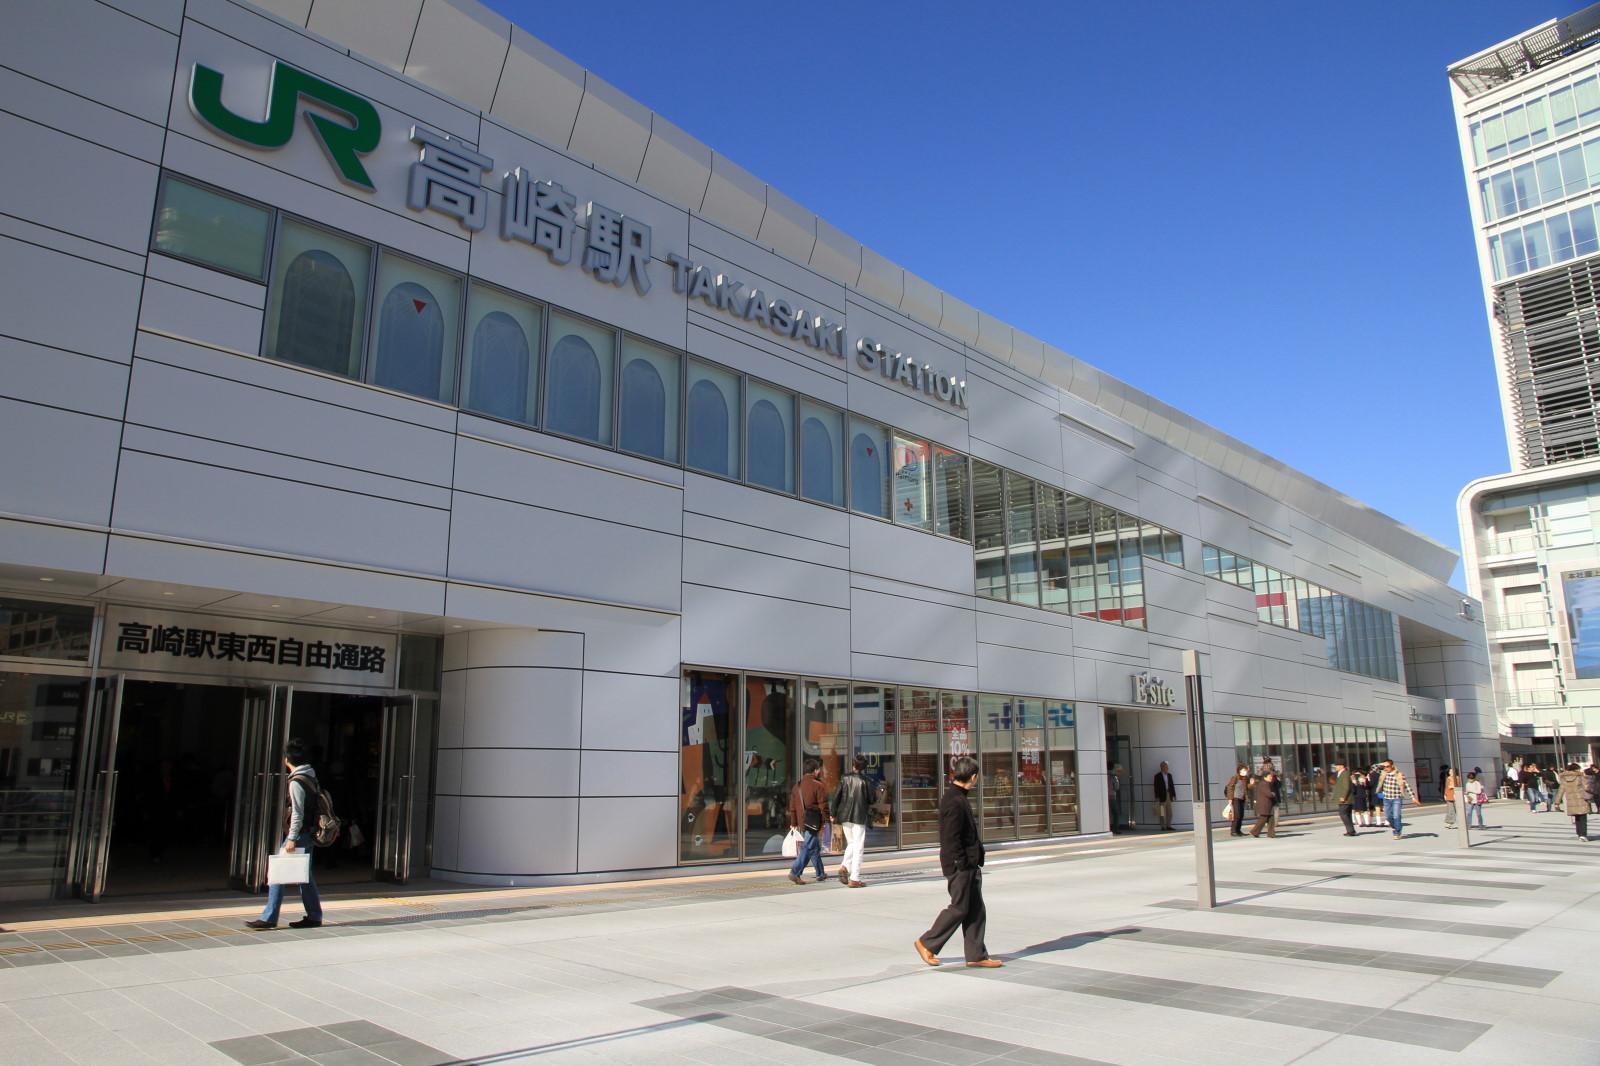 高崎駅 駐車場 安い